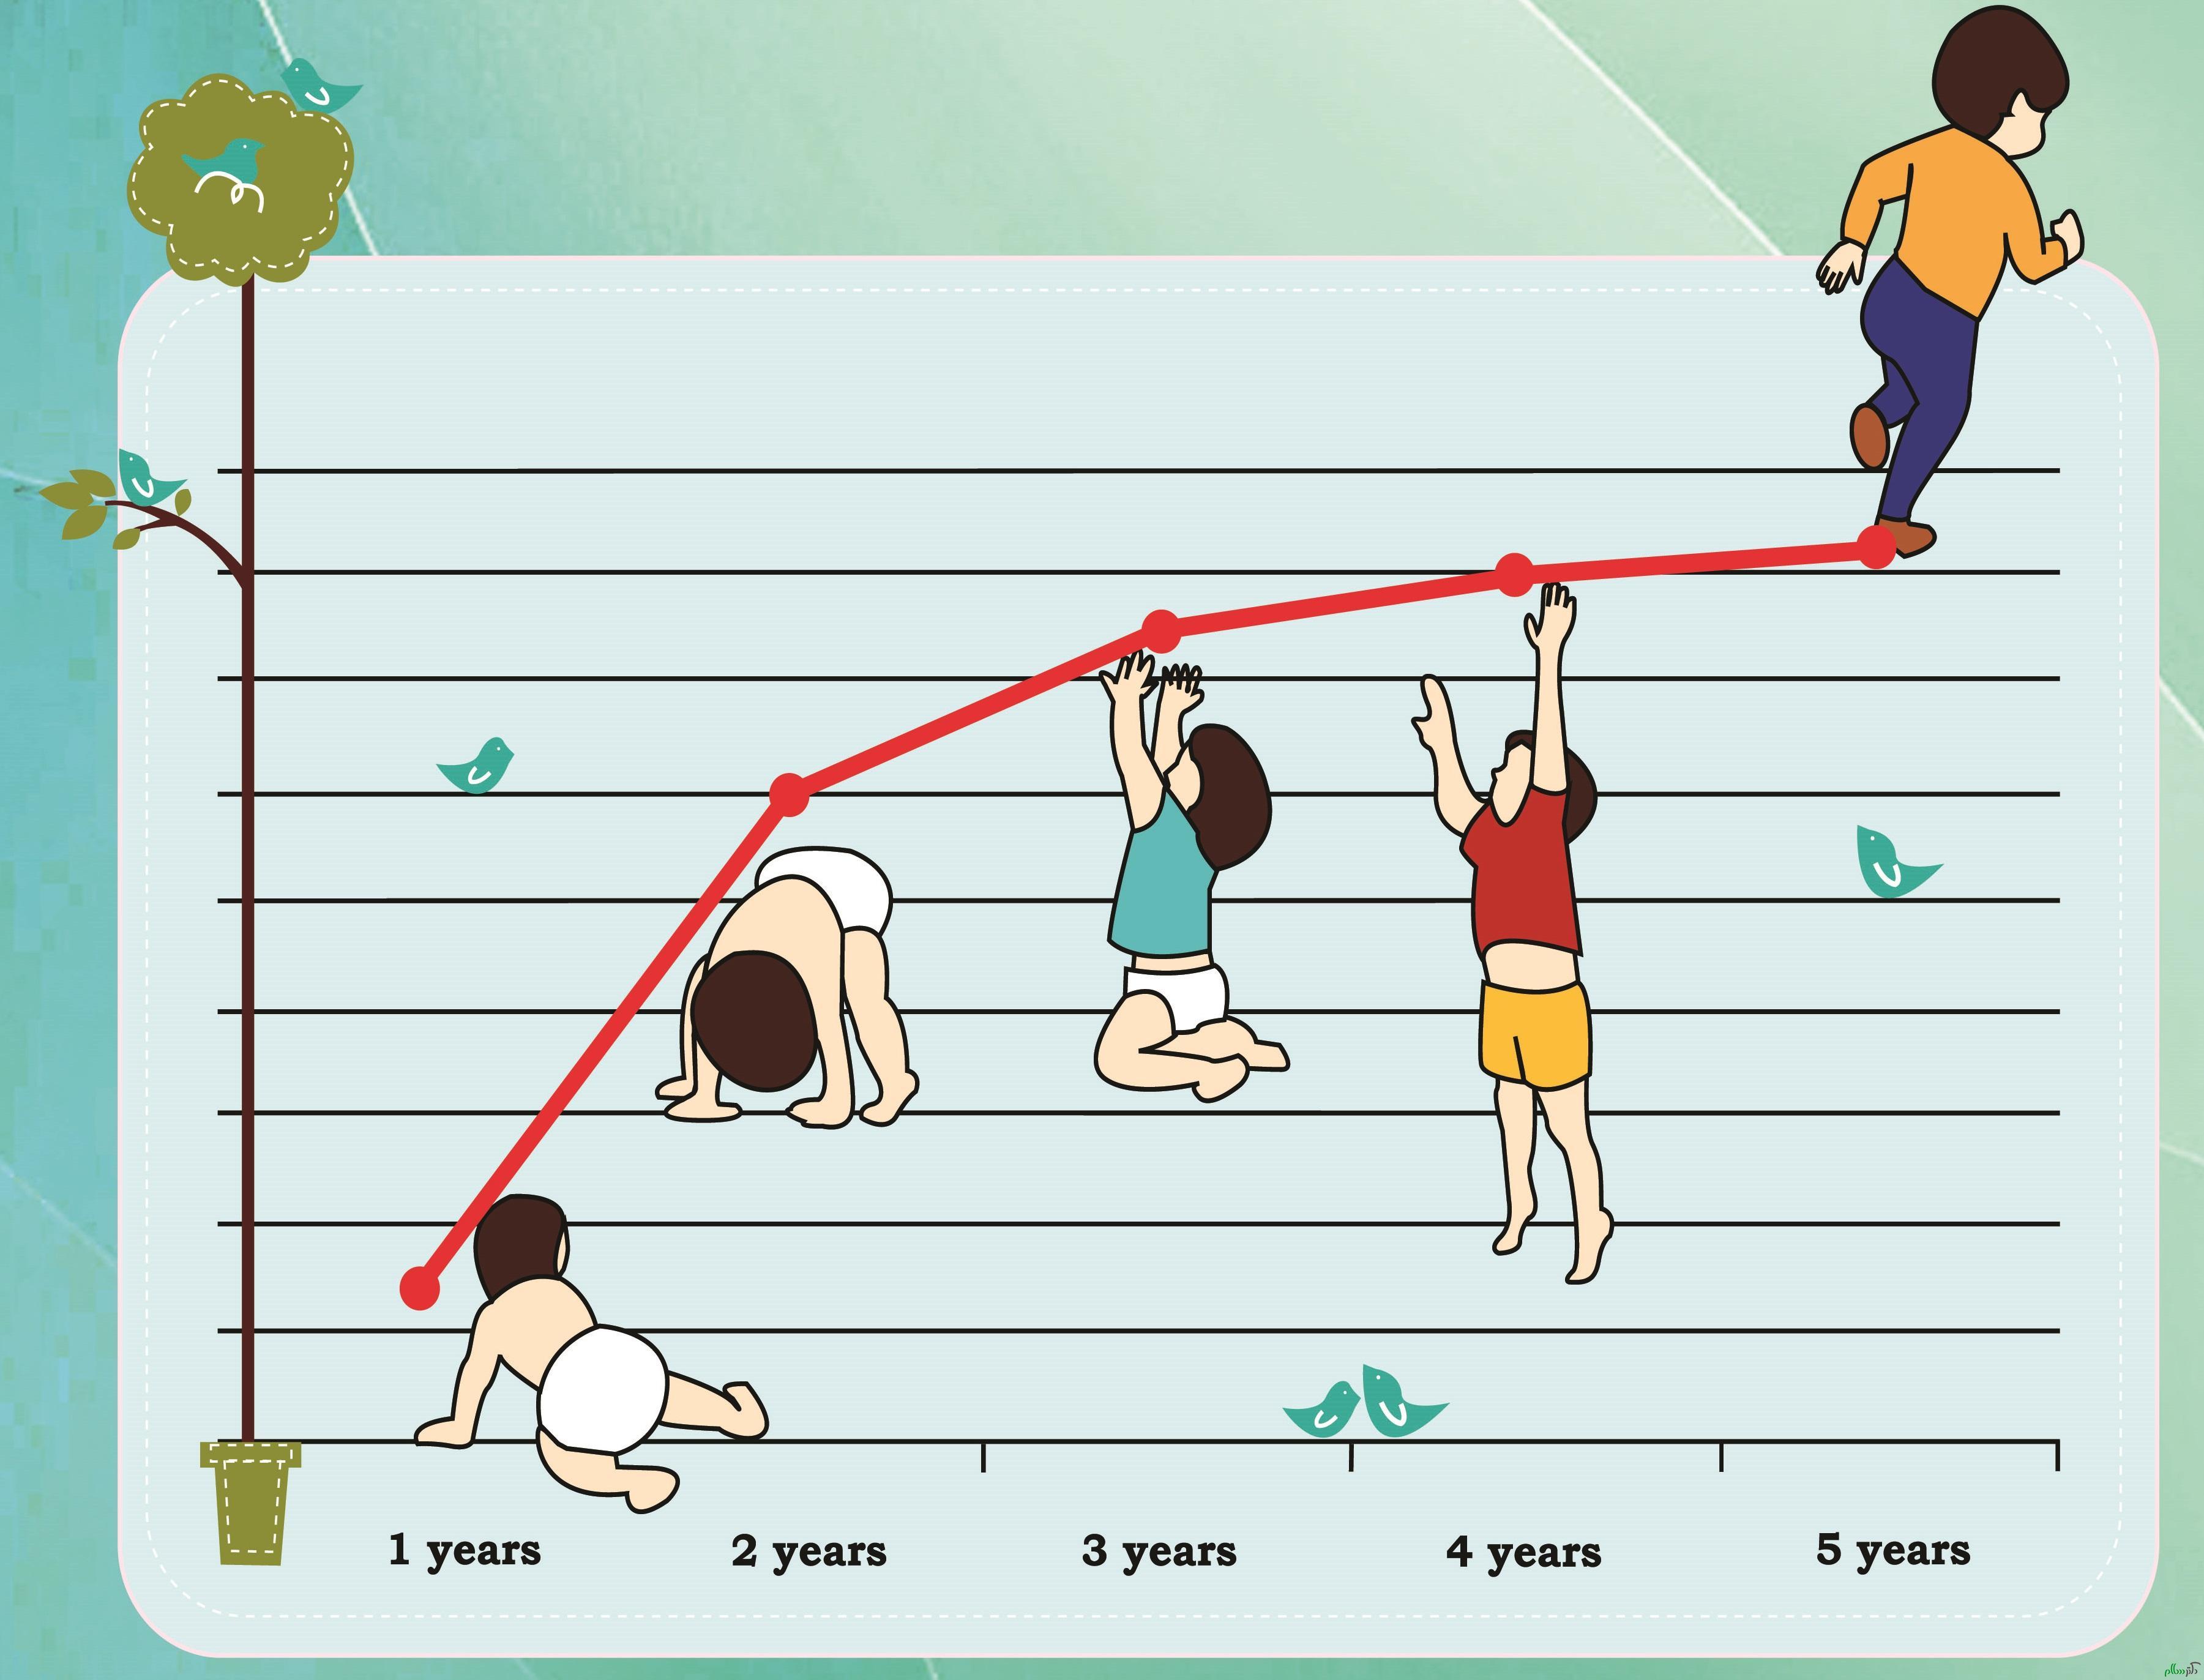 مشکلات روحی و و اضطراب کودکان در سن رشد را چگونه مدیریت کنیم؟